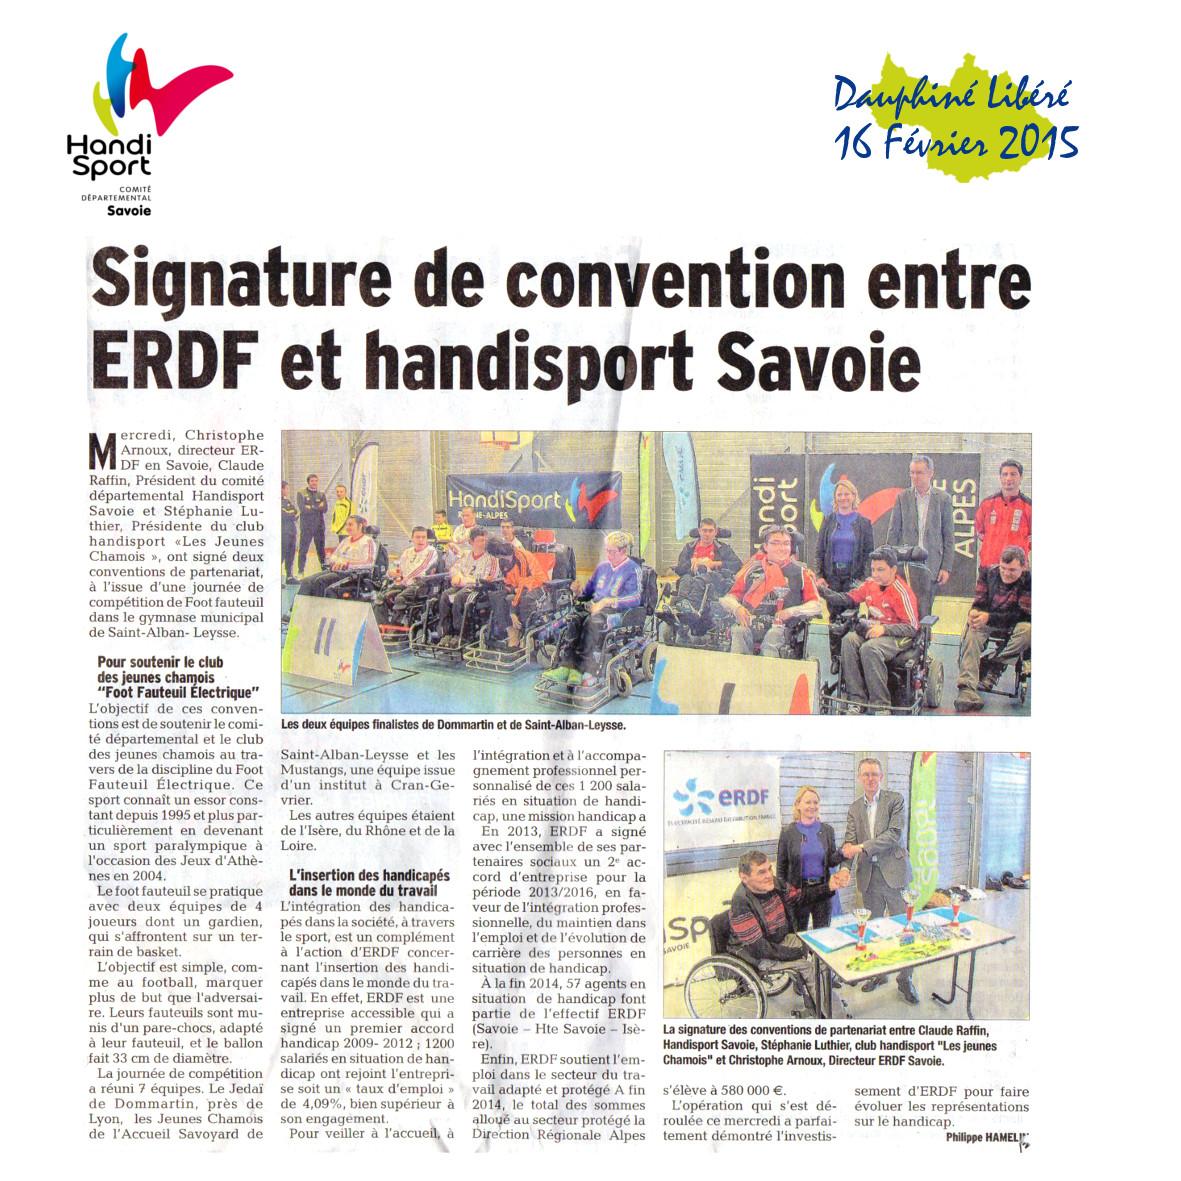 Handisport Savoie - ERDF